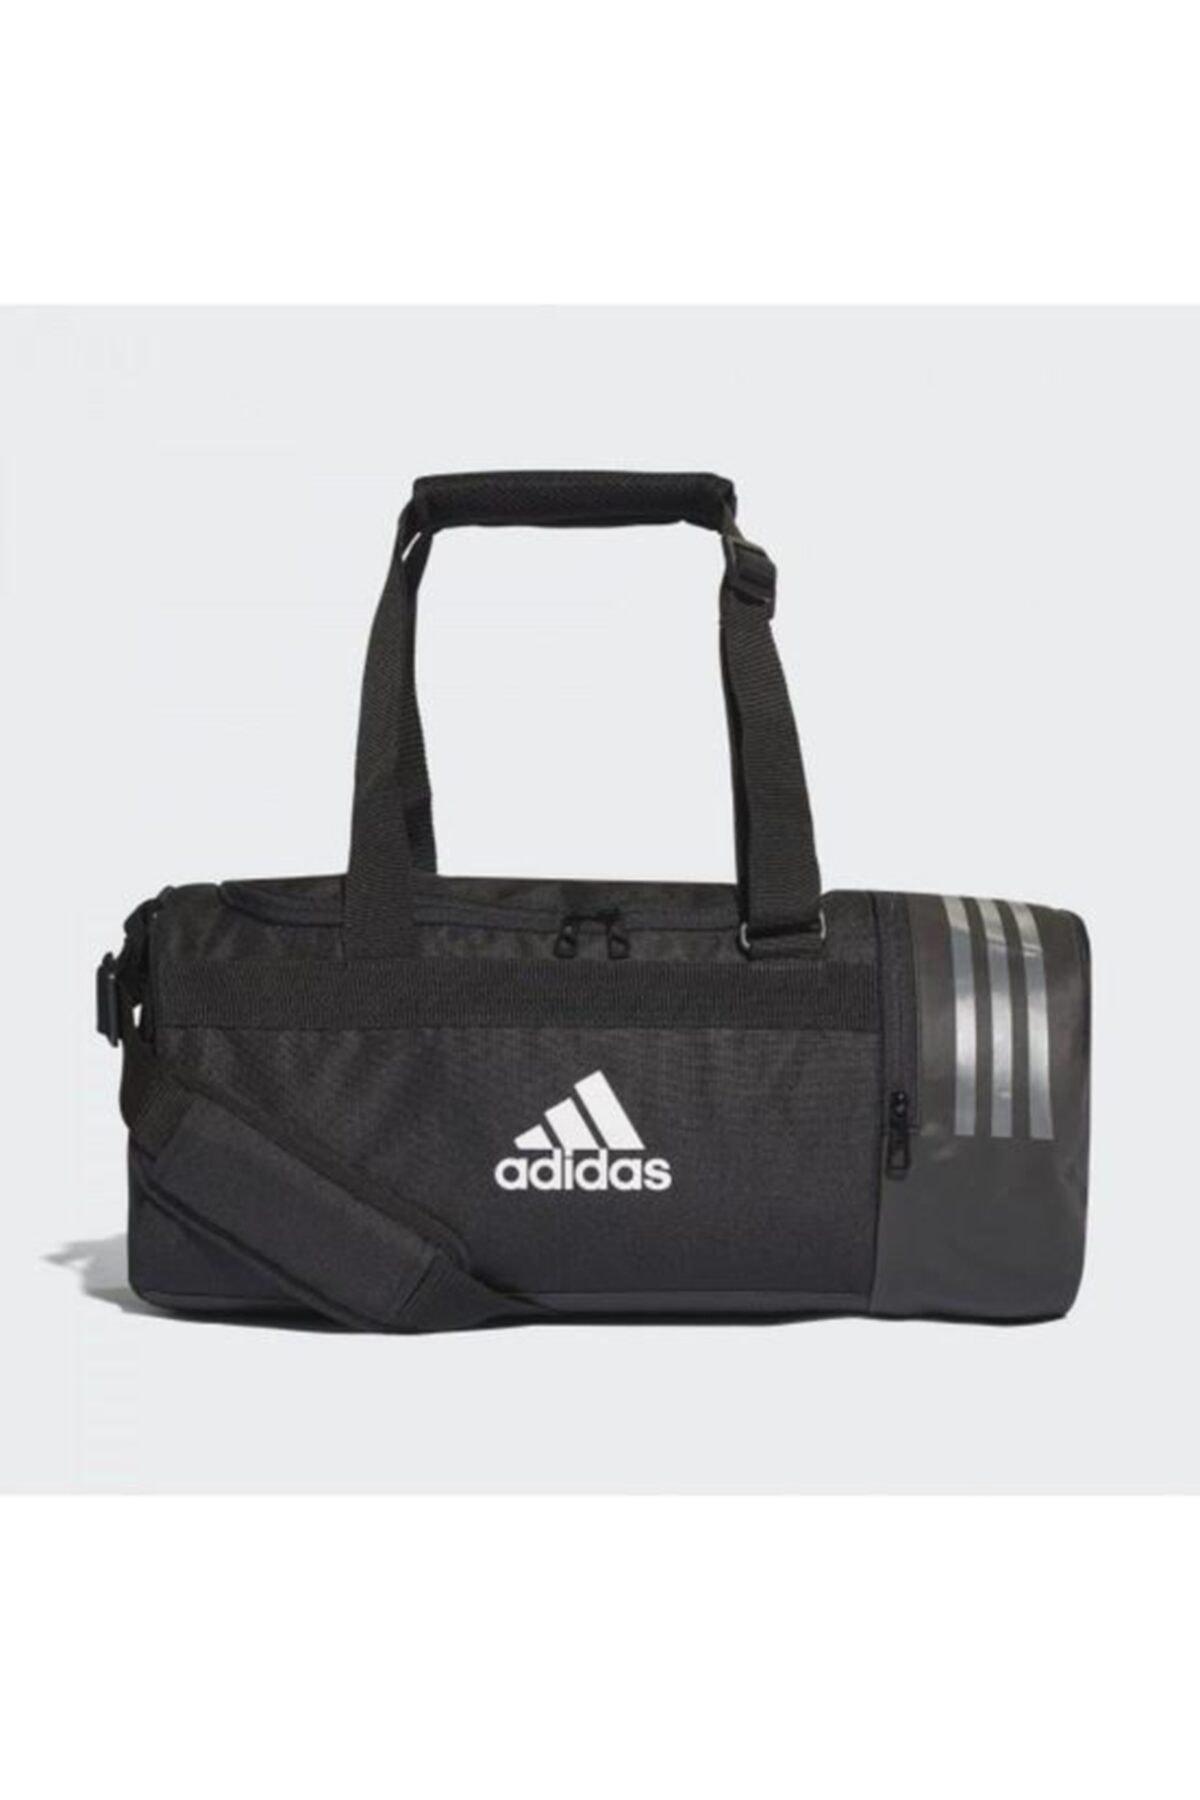 خرید انلاین کیف ورزشی جدید دخترانه اصل برند آدیداس رنگ مشکی کد ty4084095